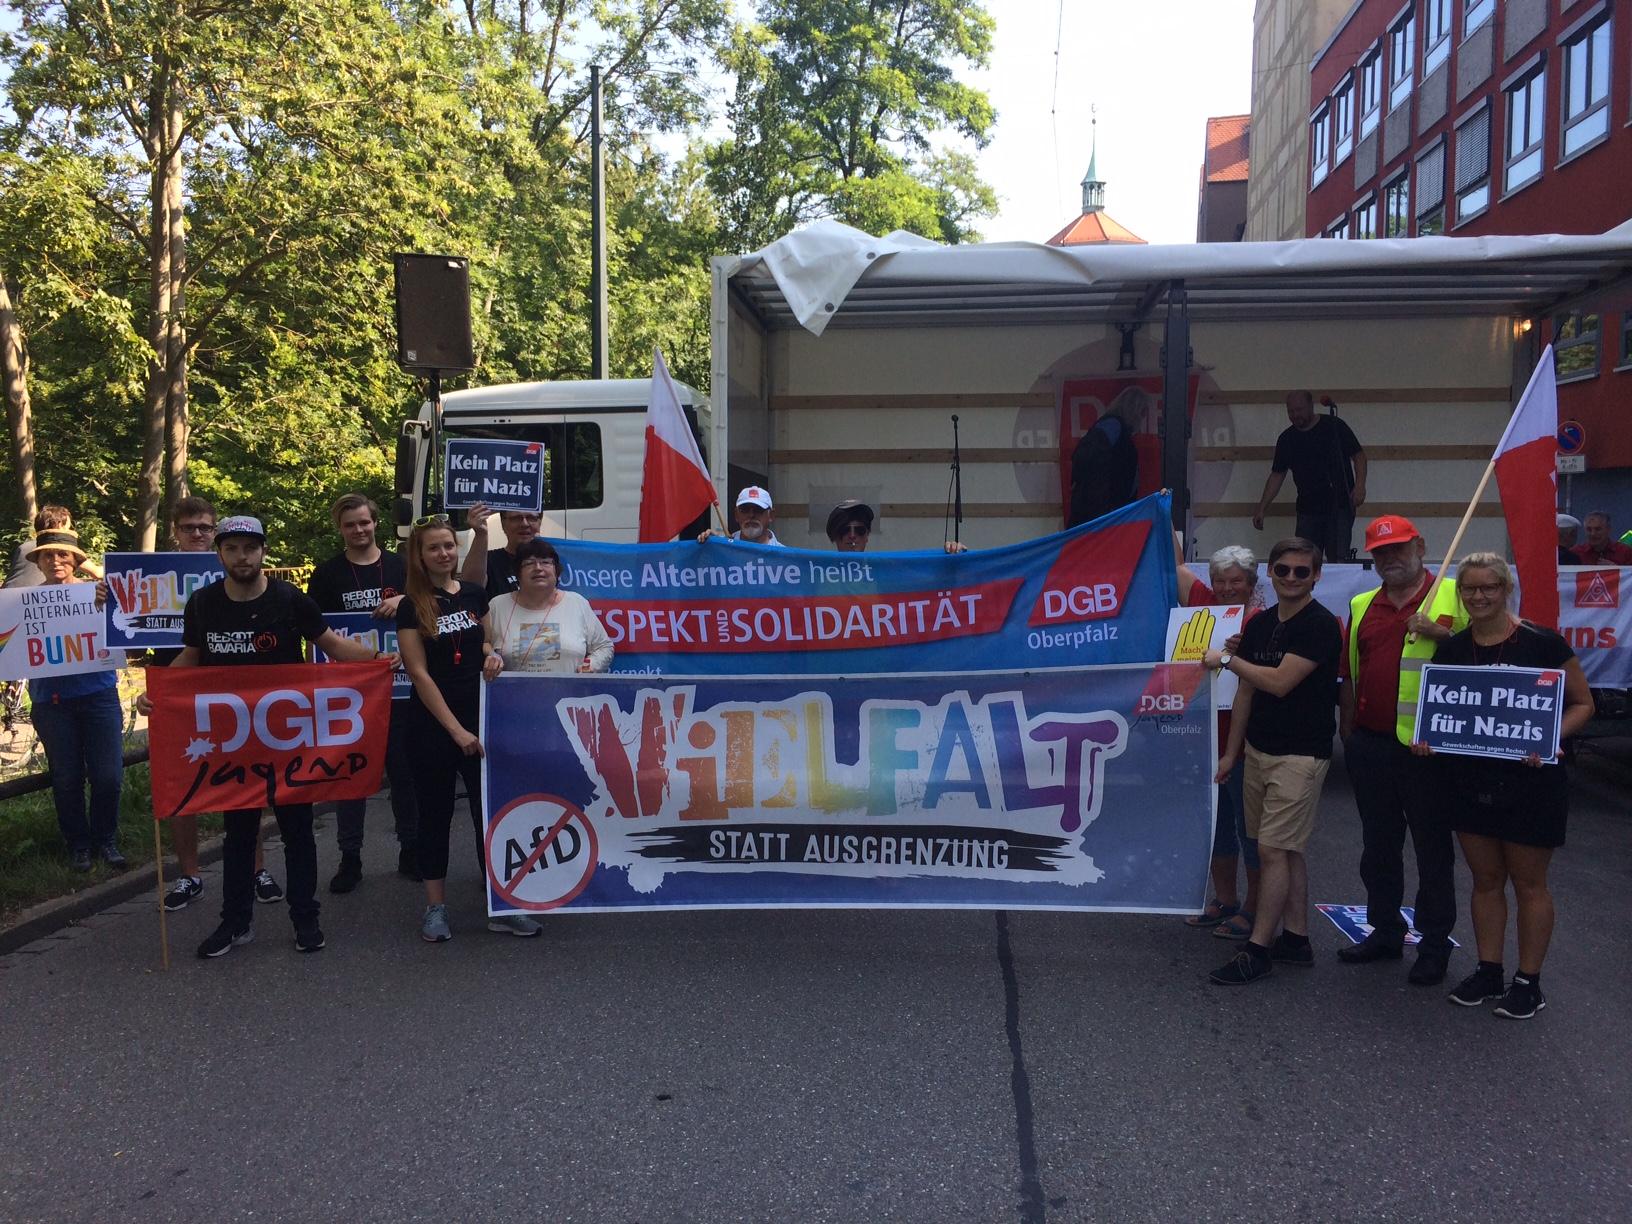 Die Kolleginnen und Kollegen aus der Oberpfalz bei der Kundgebung am Gewerkschaftshaus.